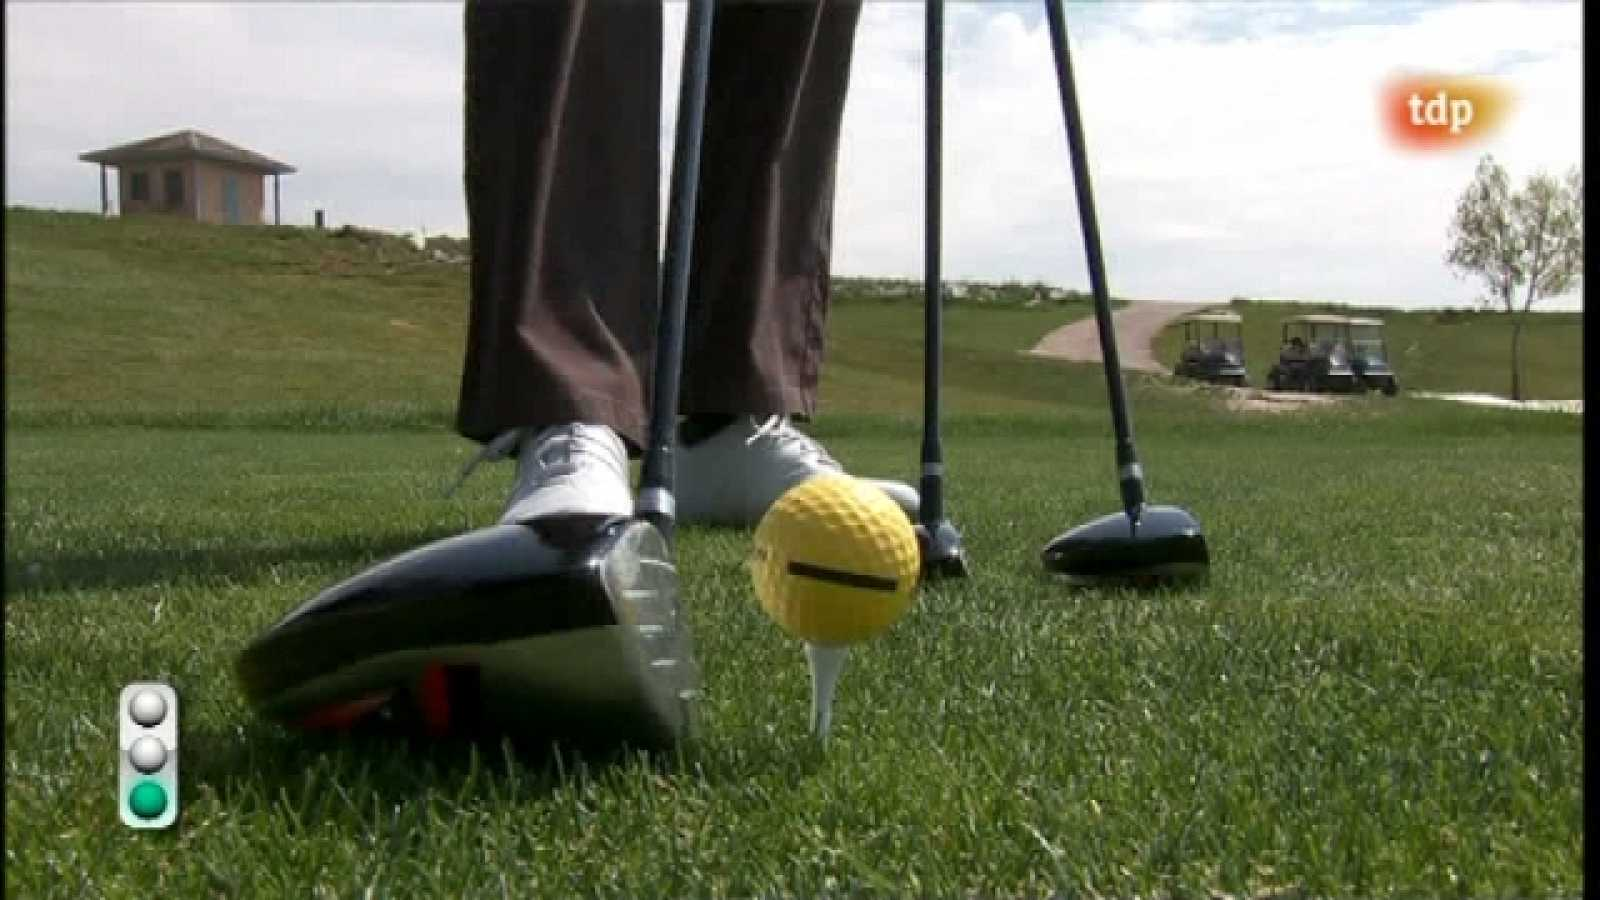 El golf sale a la calle - Bloque 3 - Capítulo 1 - 16/05/11 - Ver ahora